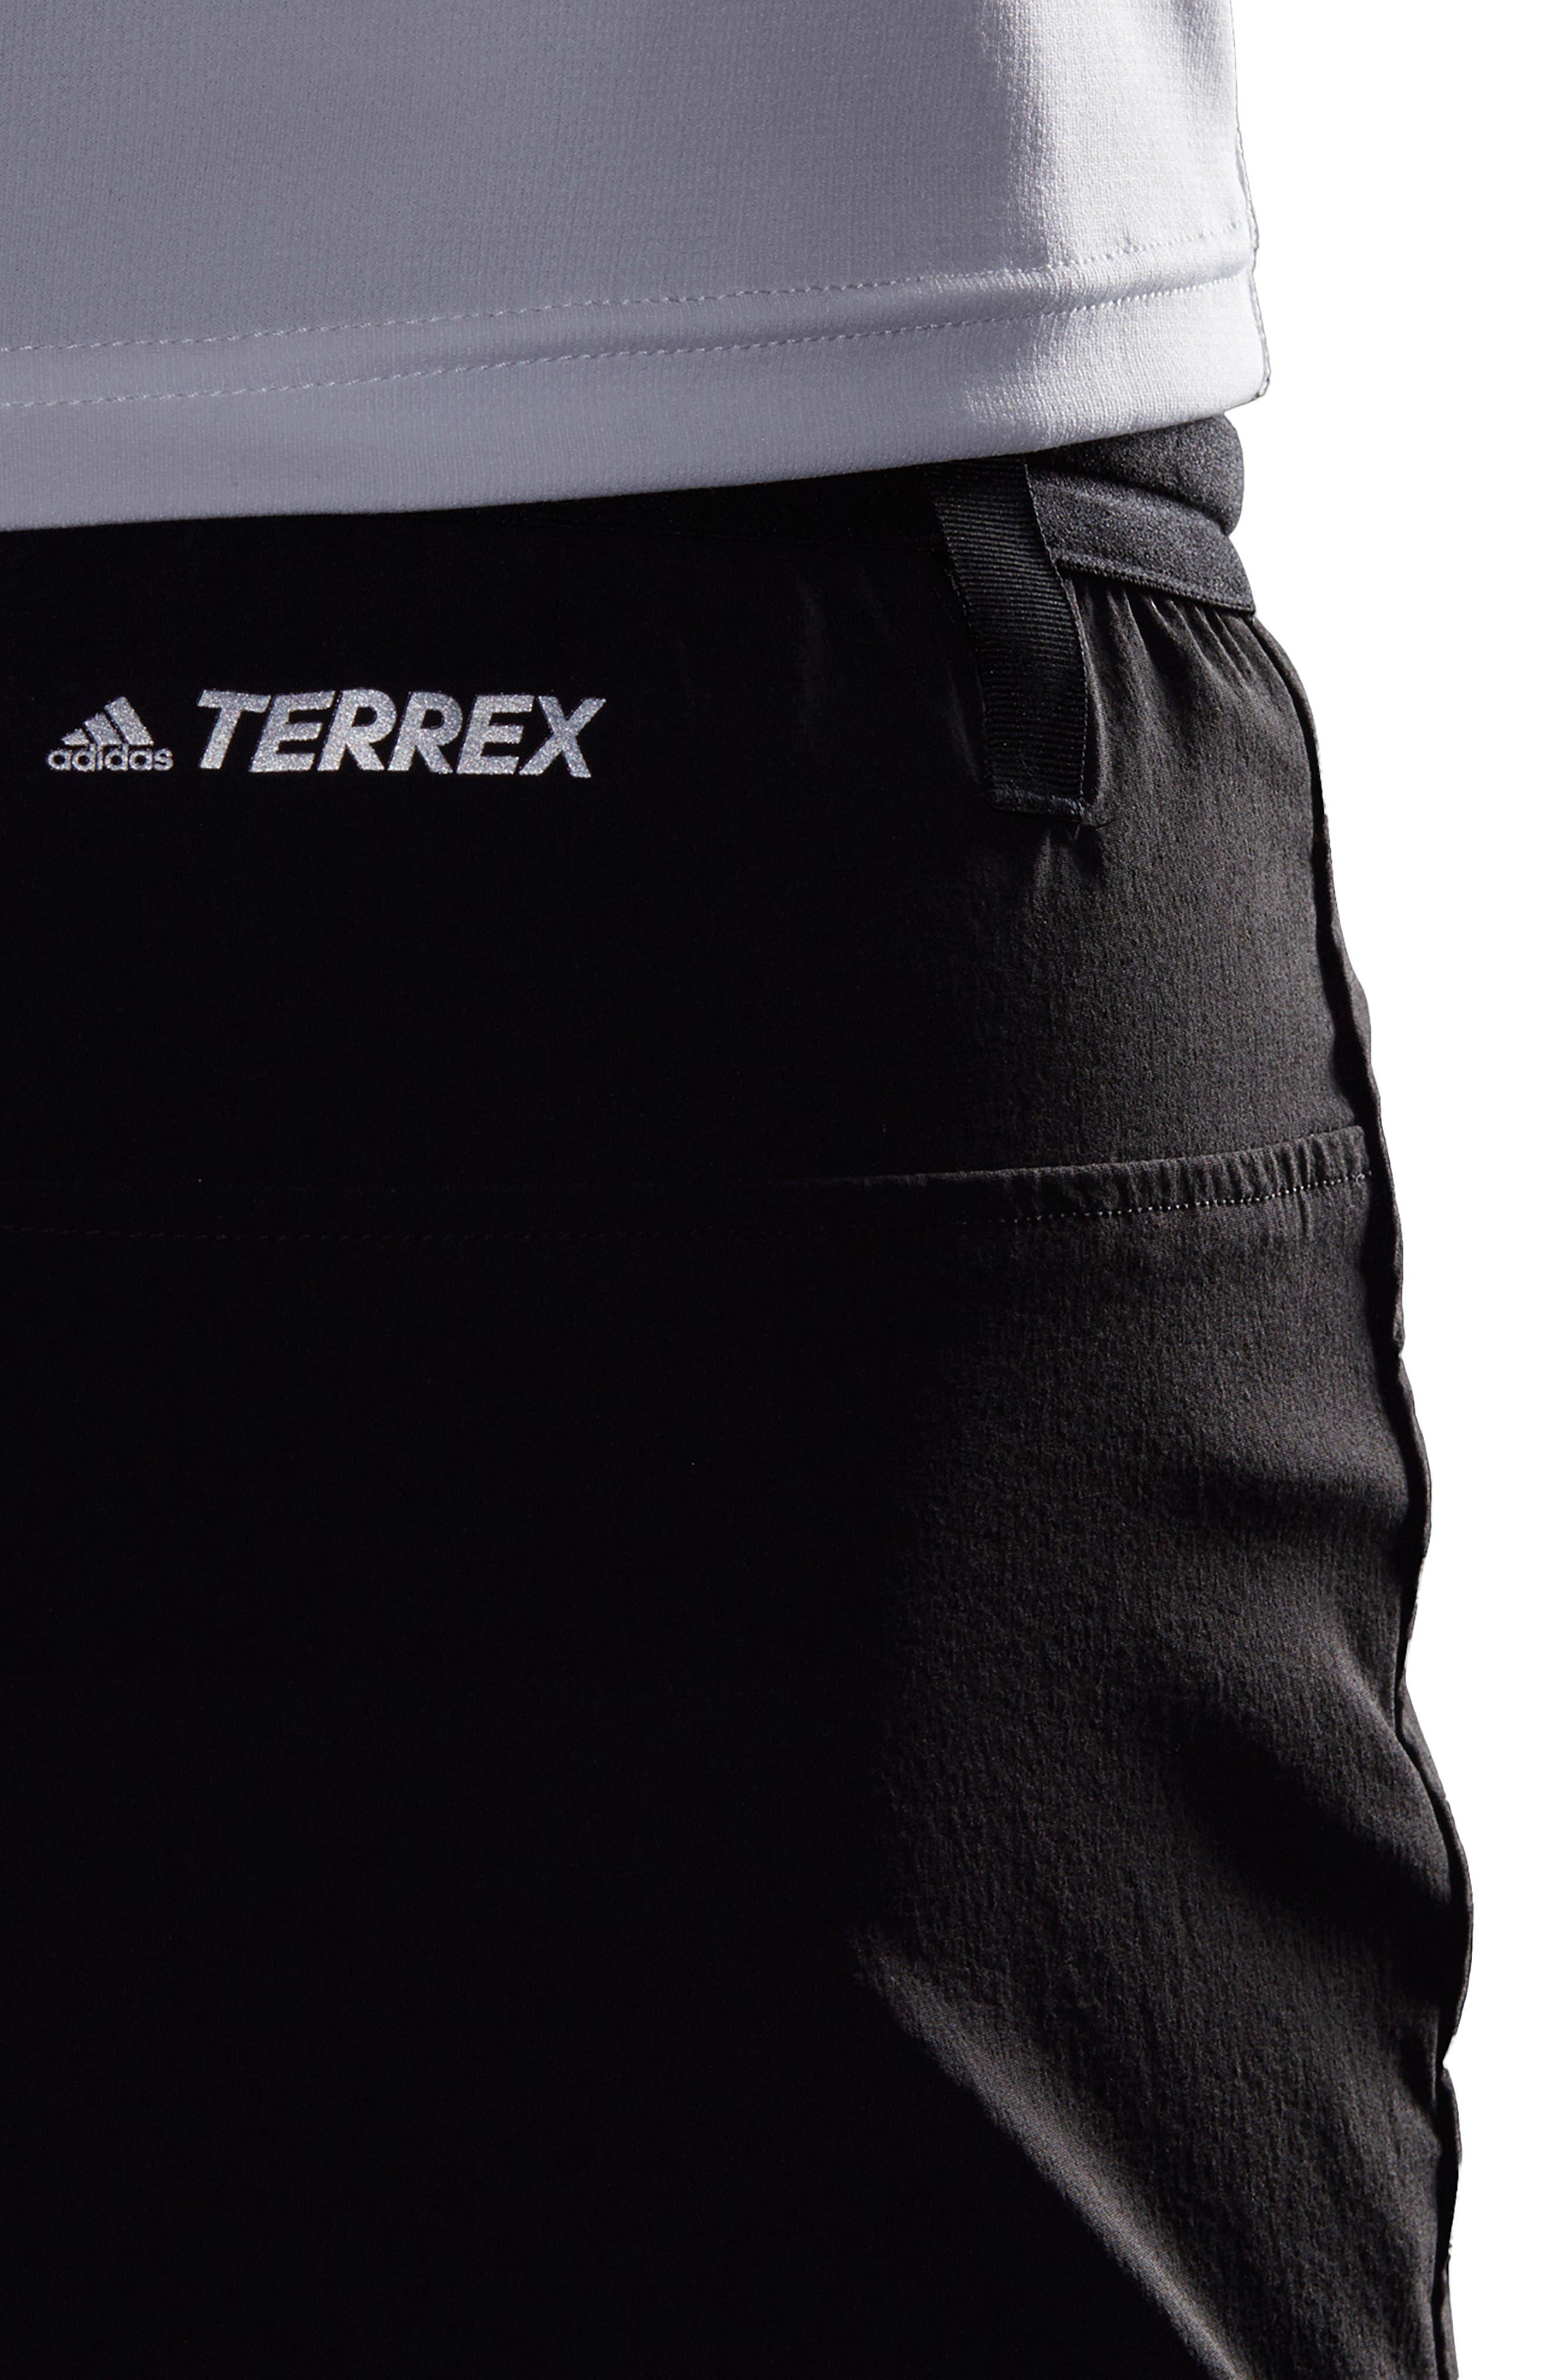 Terrex Multi Pants,                             Alternate thumbnail 4, color,                             BLACK